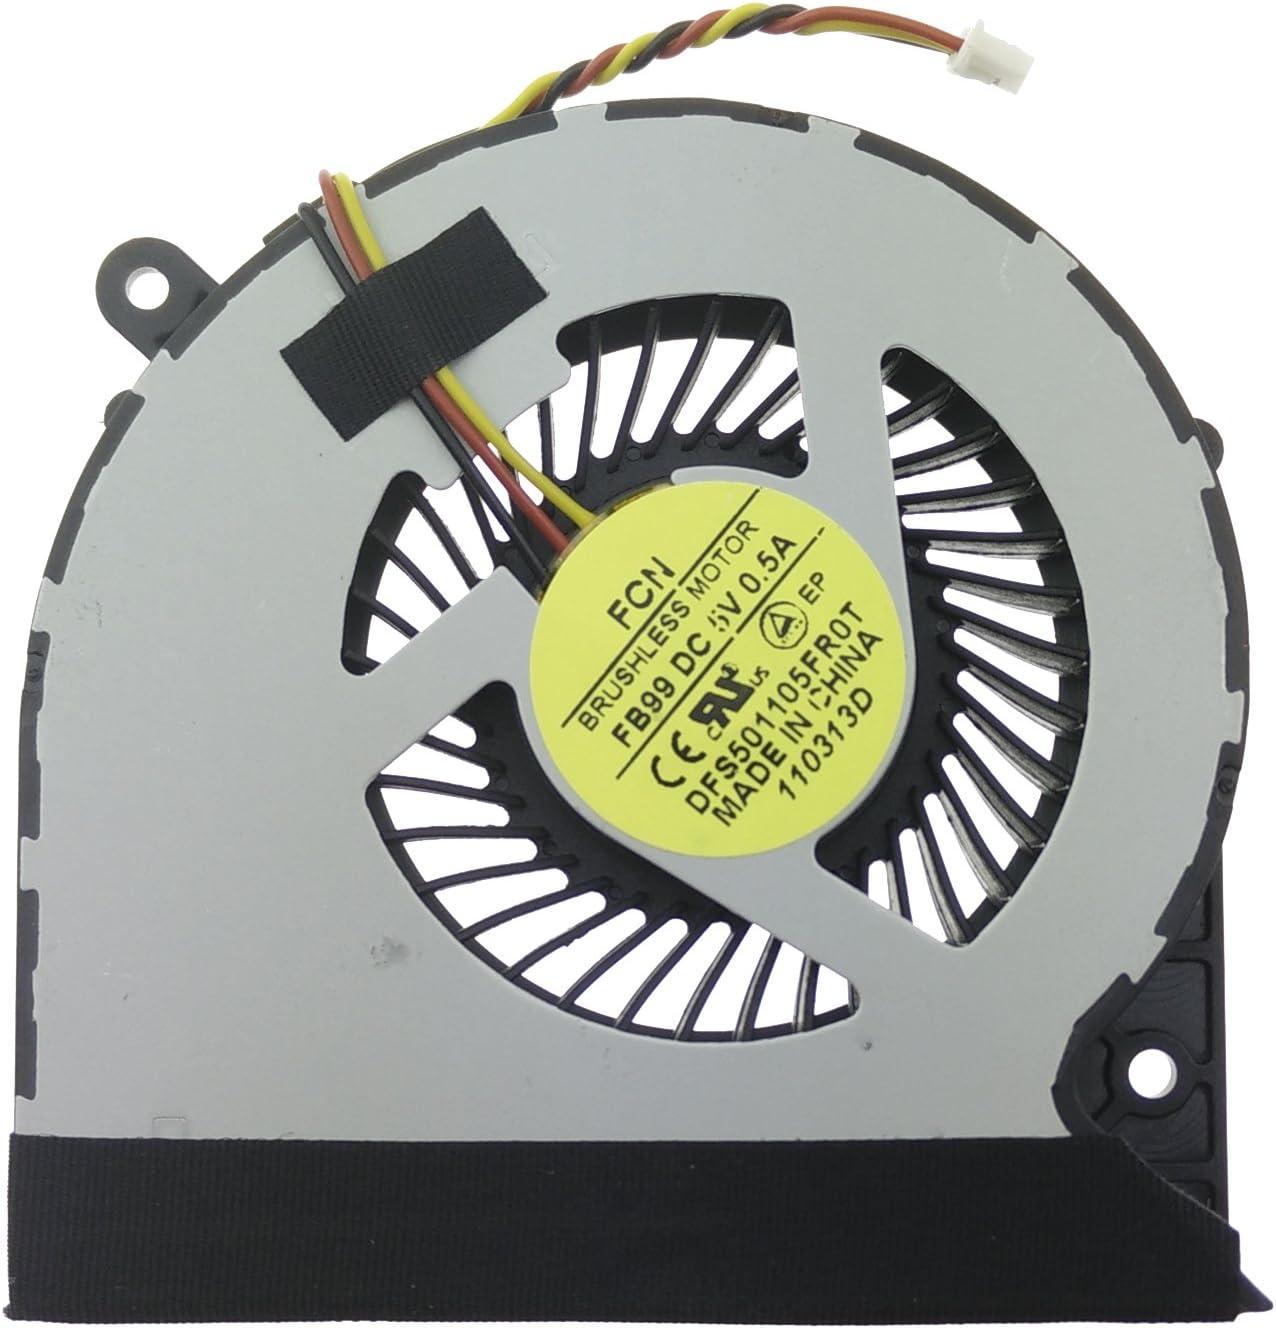 Ventilador Toshiba - H000050270 compatible con Toshiba Satellite C850   C855   C875   L850   L855   L870   L955 y part number DFS501105FR